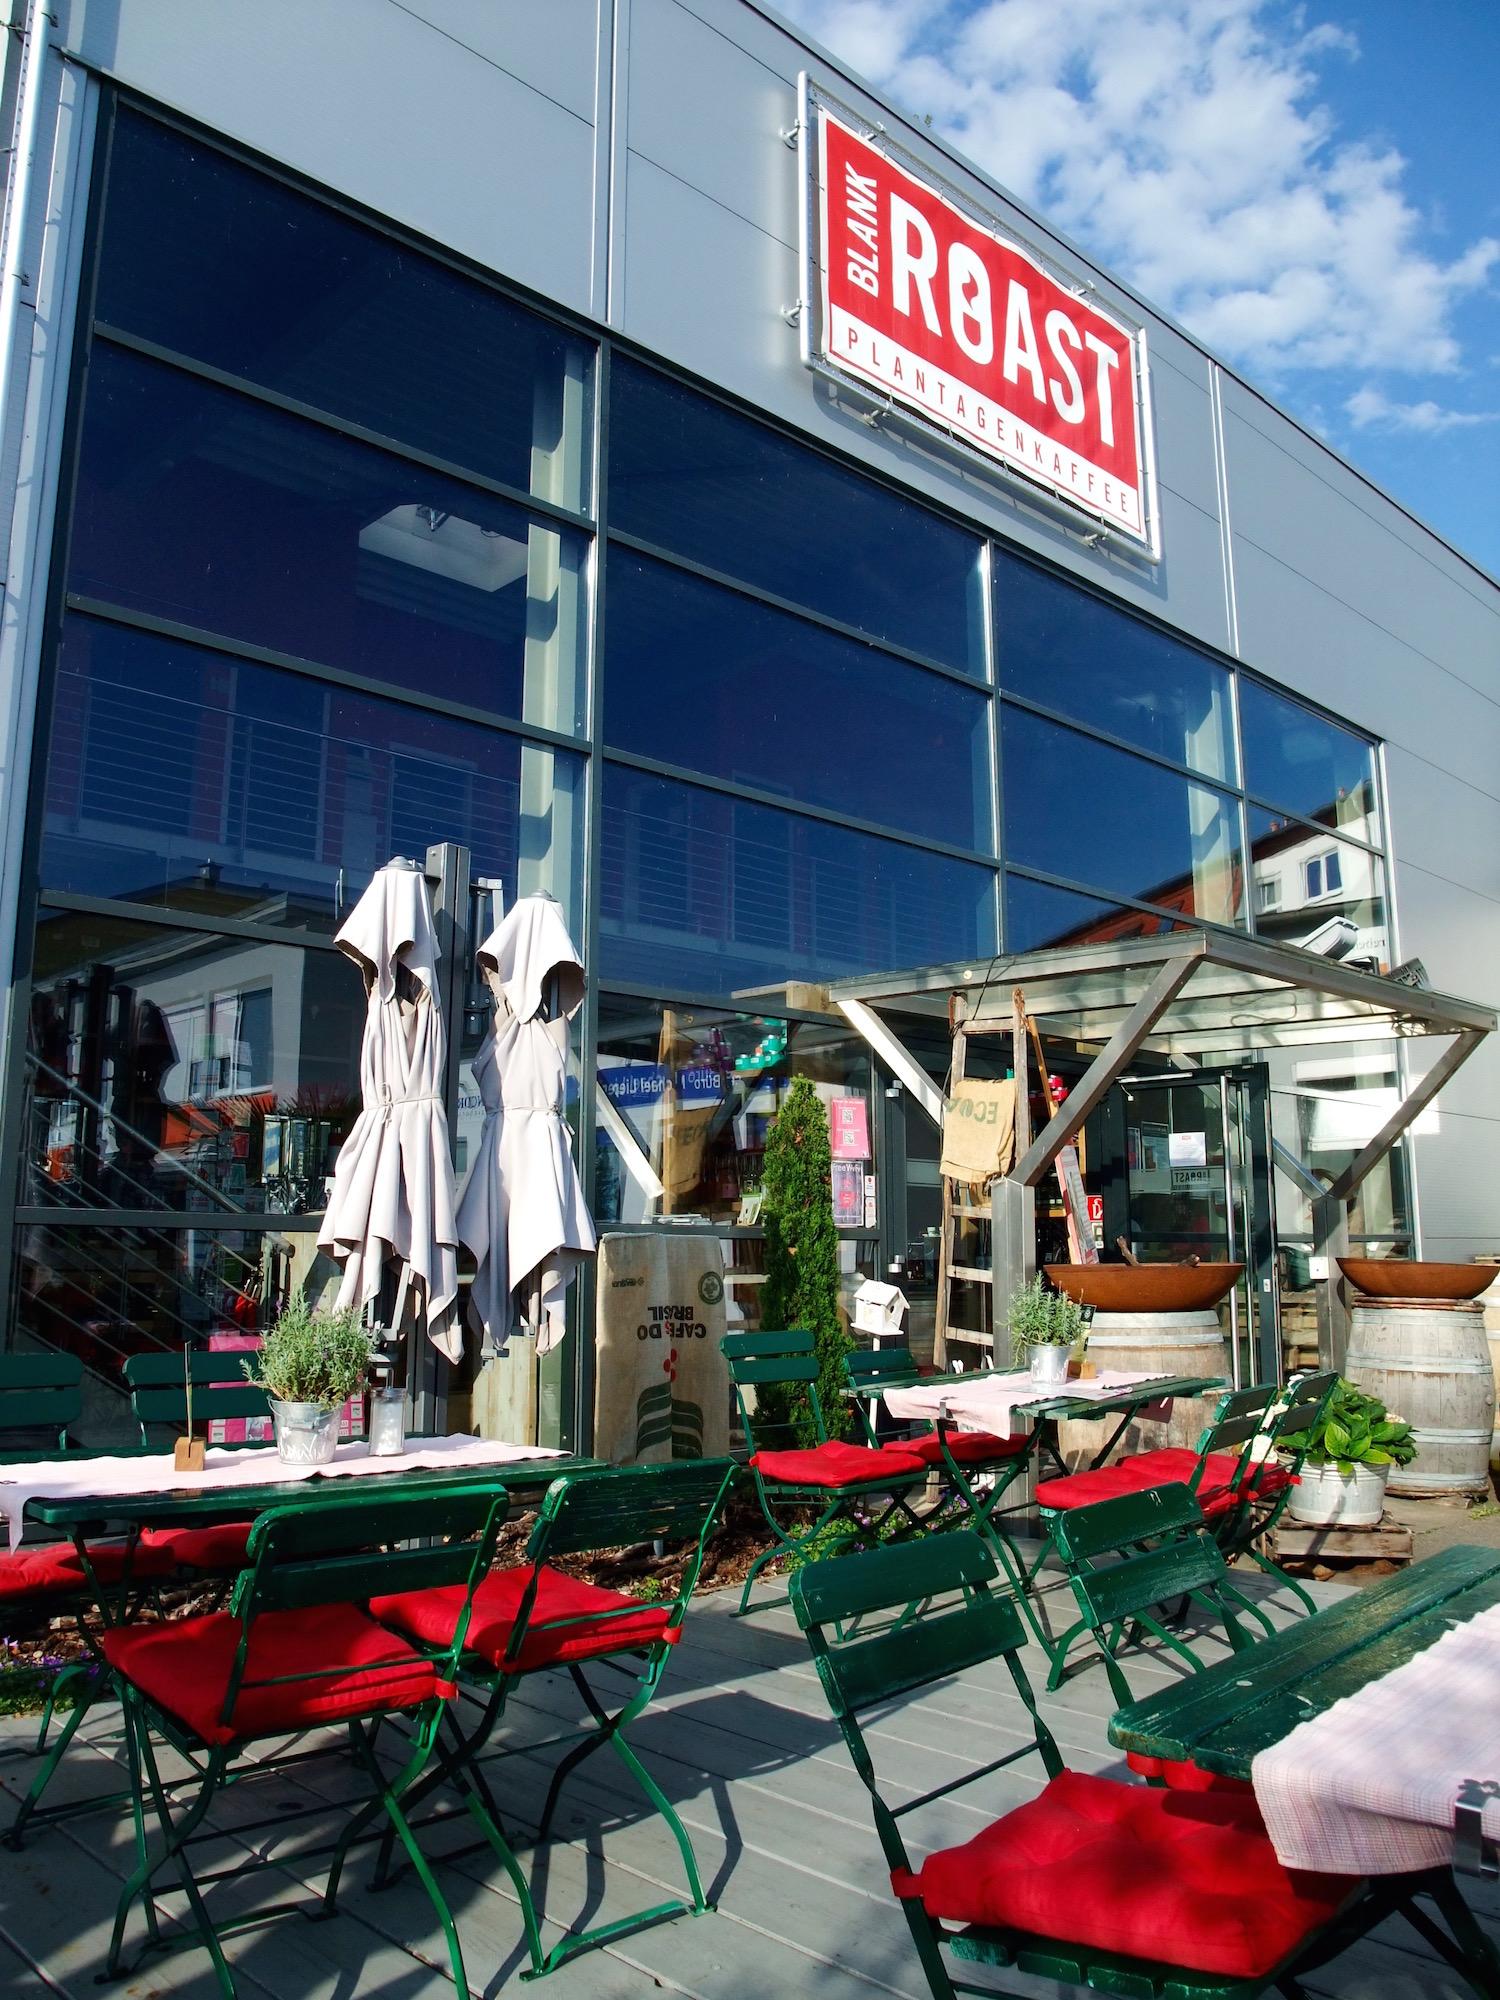 The patio outside of Blank Roast Kaffeemanufaktur